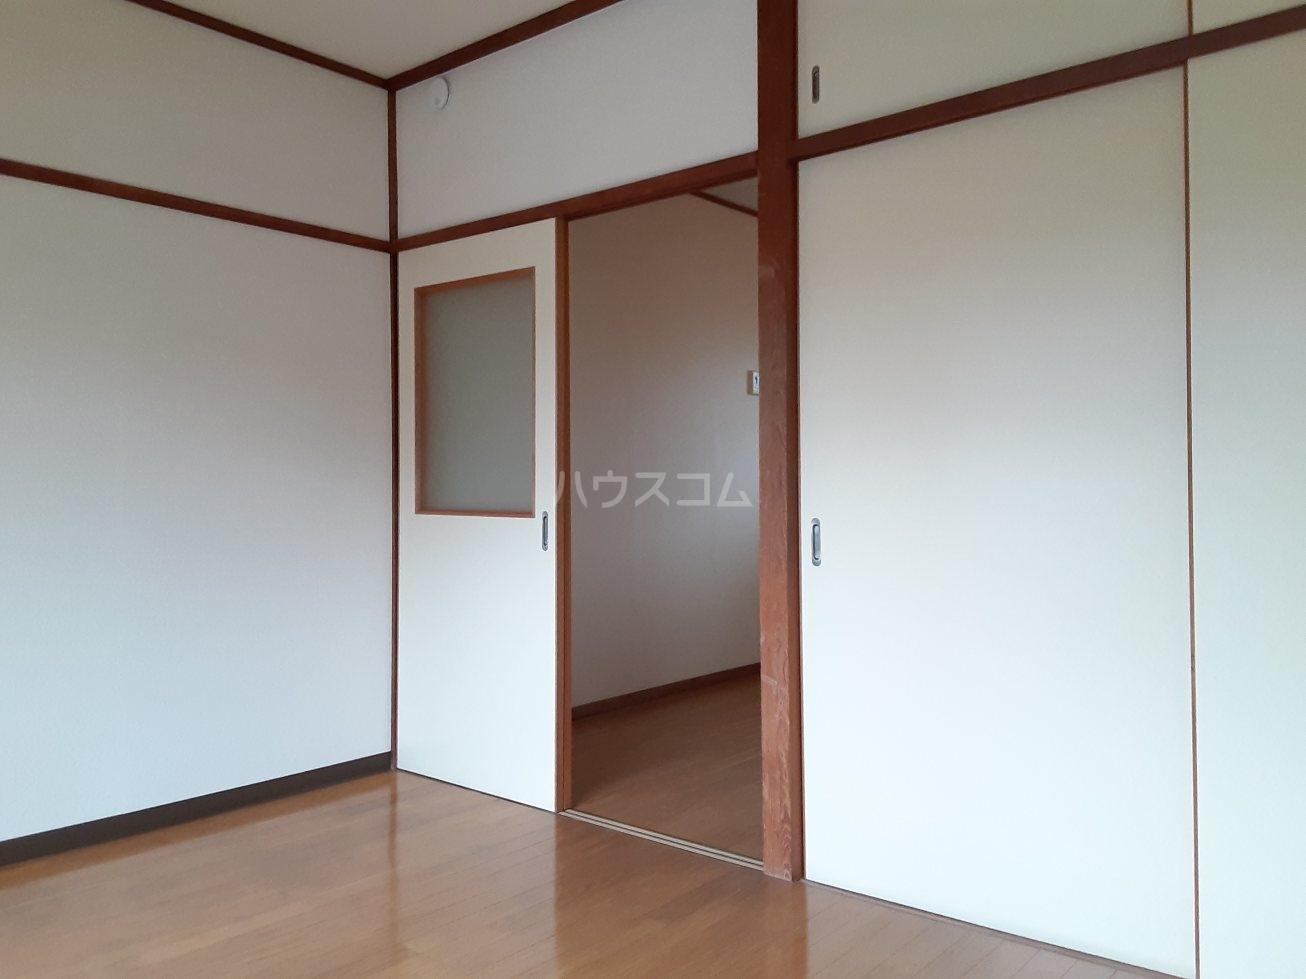 さぎの宮ハイツ 103号室の設備